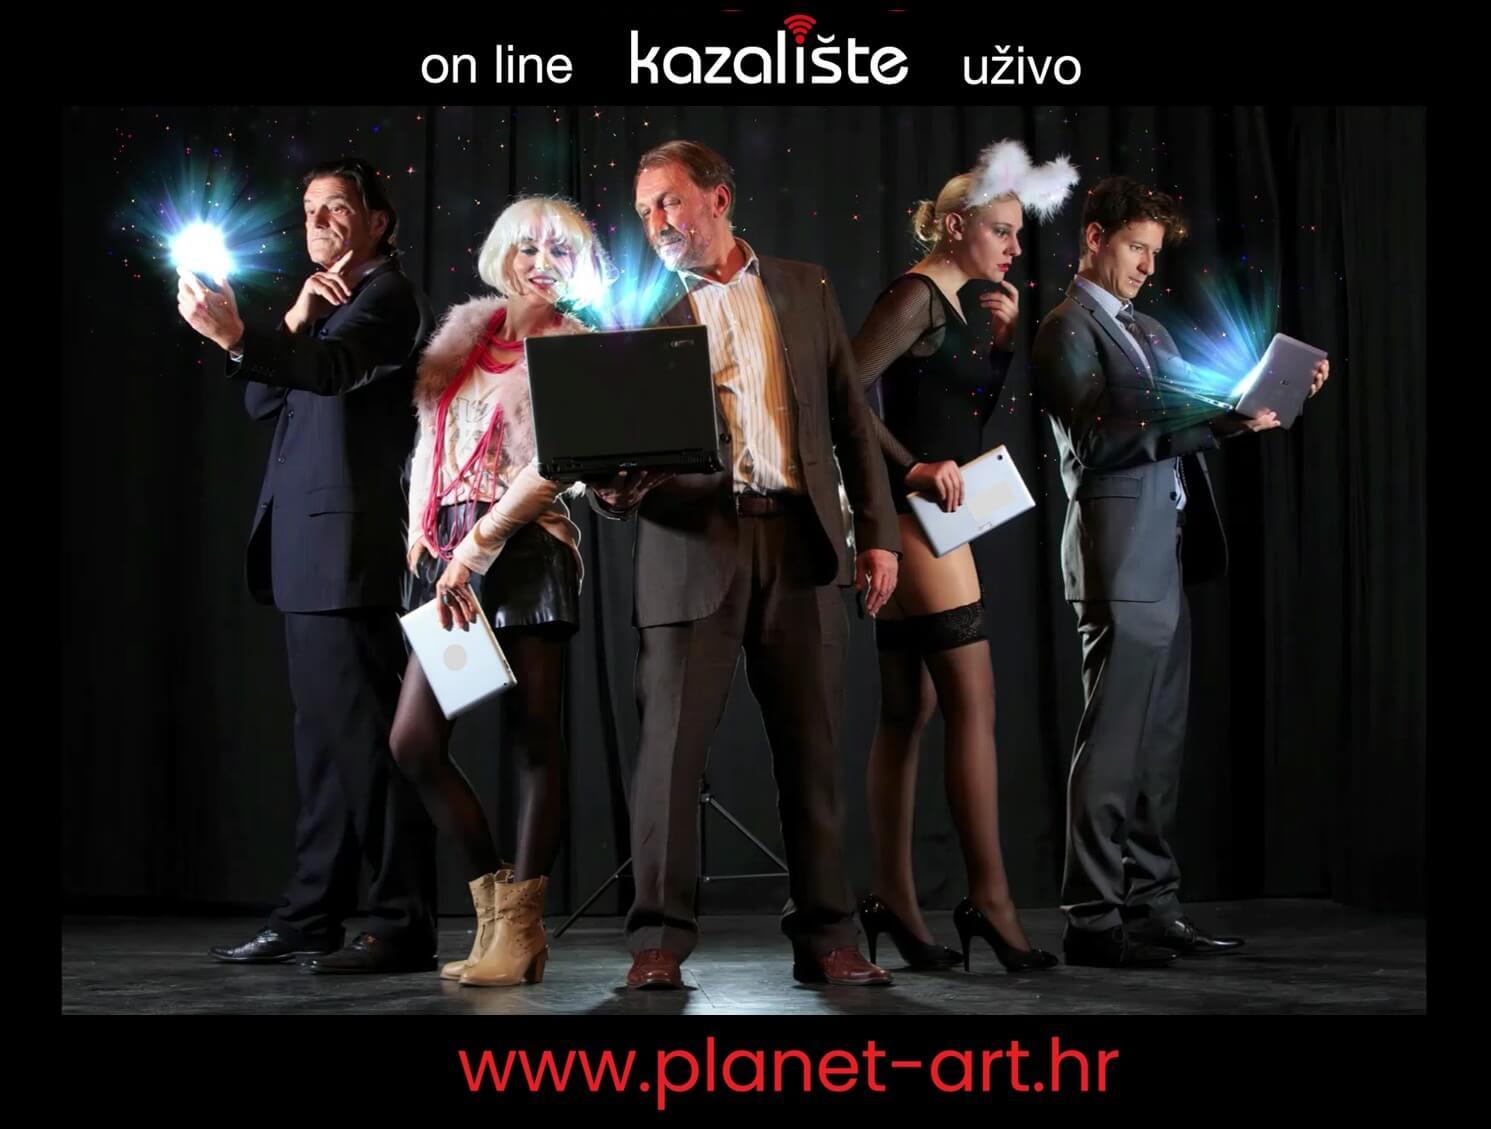 U koroni se i kazališta sele na internet: Evo kako uživo gledati predstave